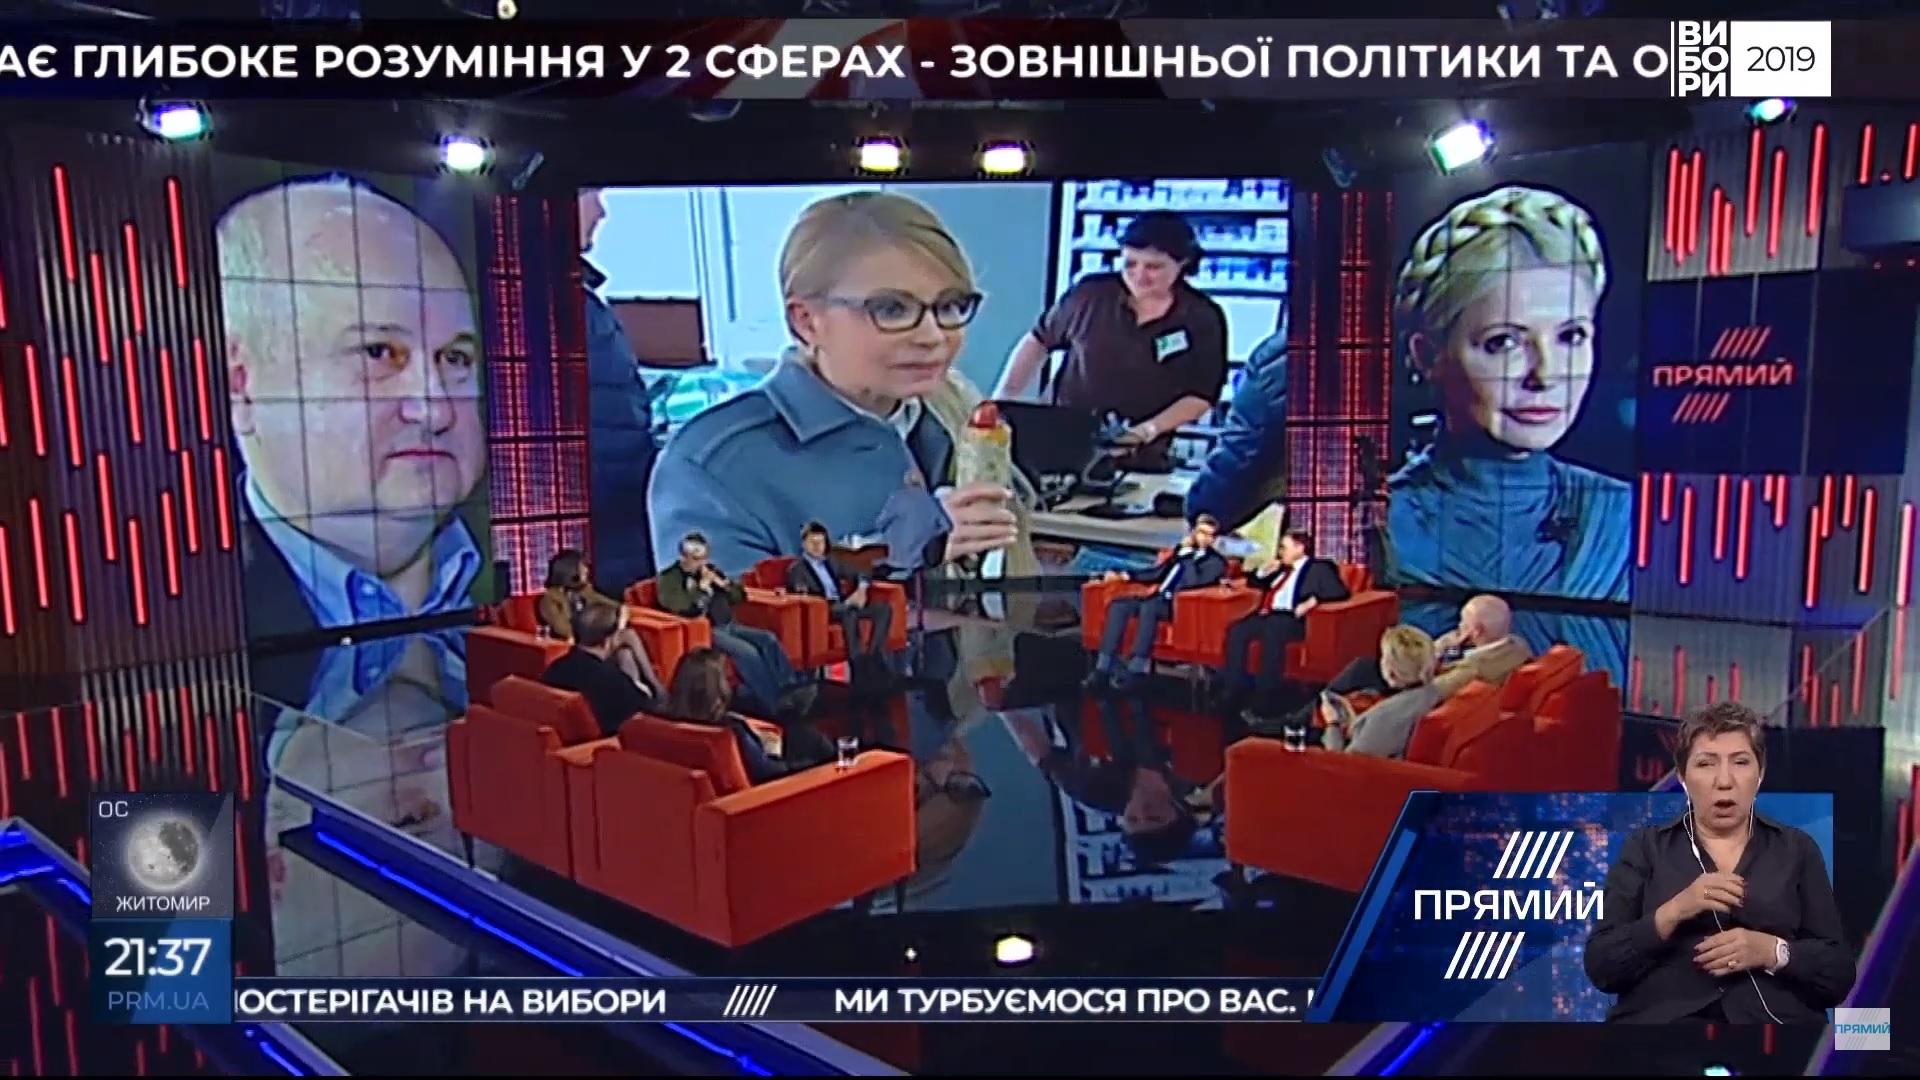 «Чи допоможе Тимошенко сосиска?». Огляд ток-шоу 18–22 березня 2019 року